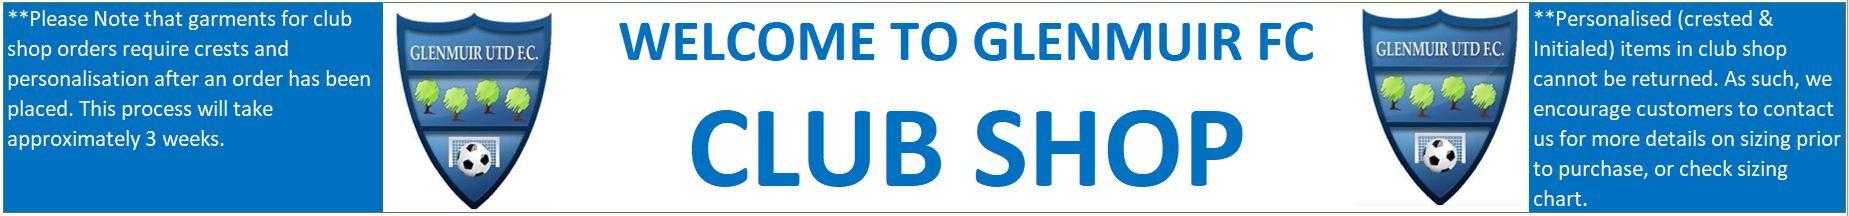 Glenmuir United FC